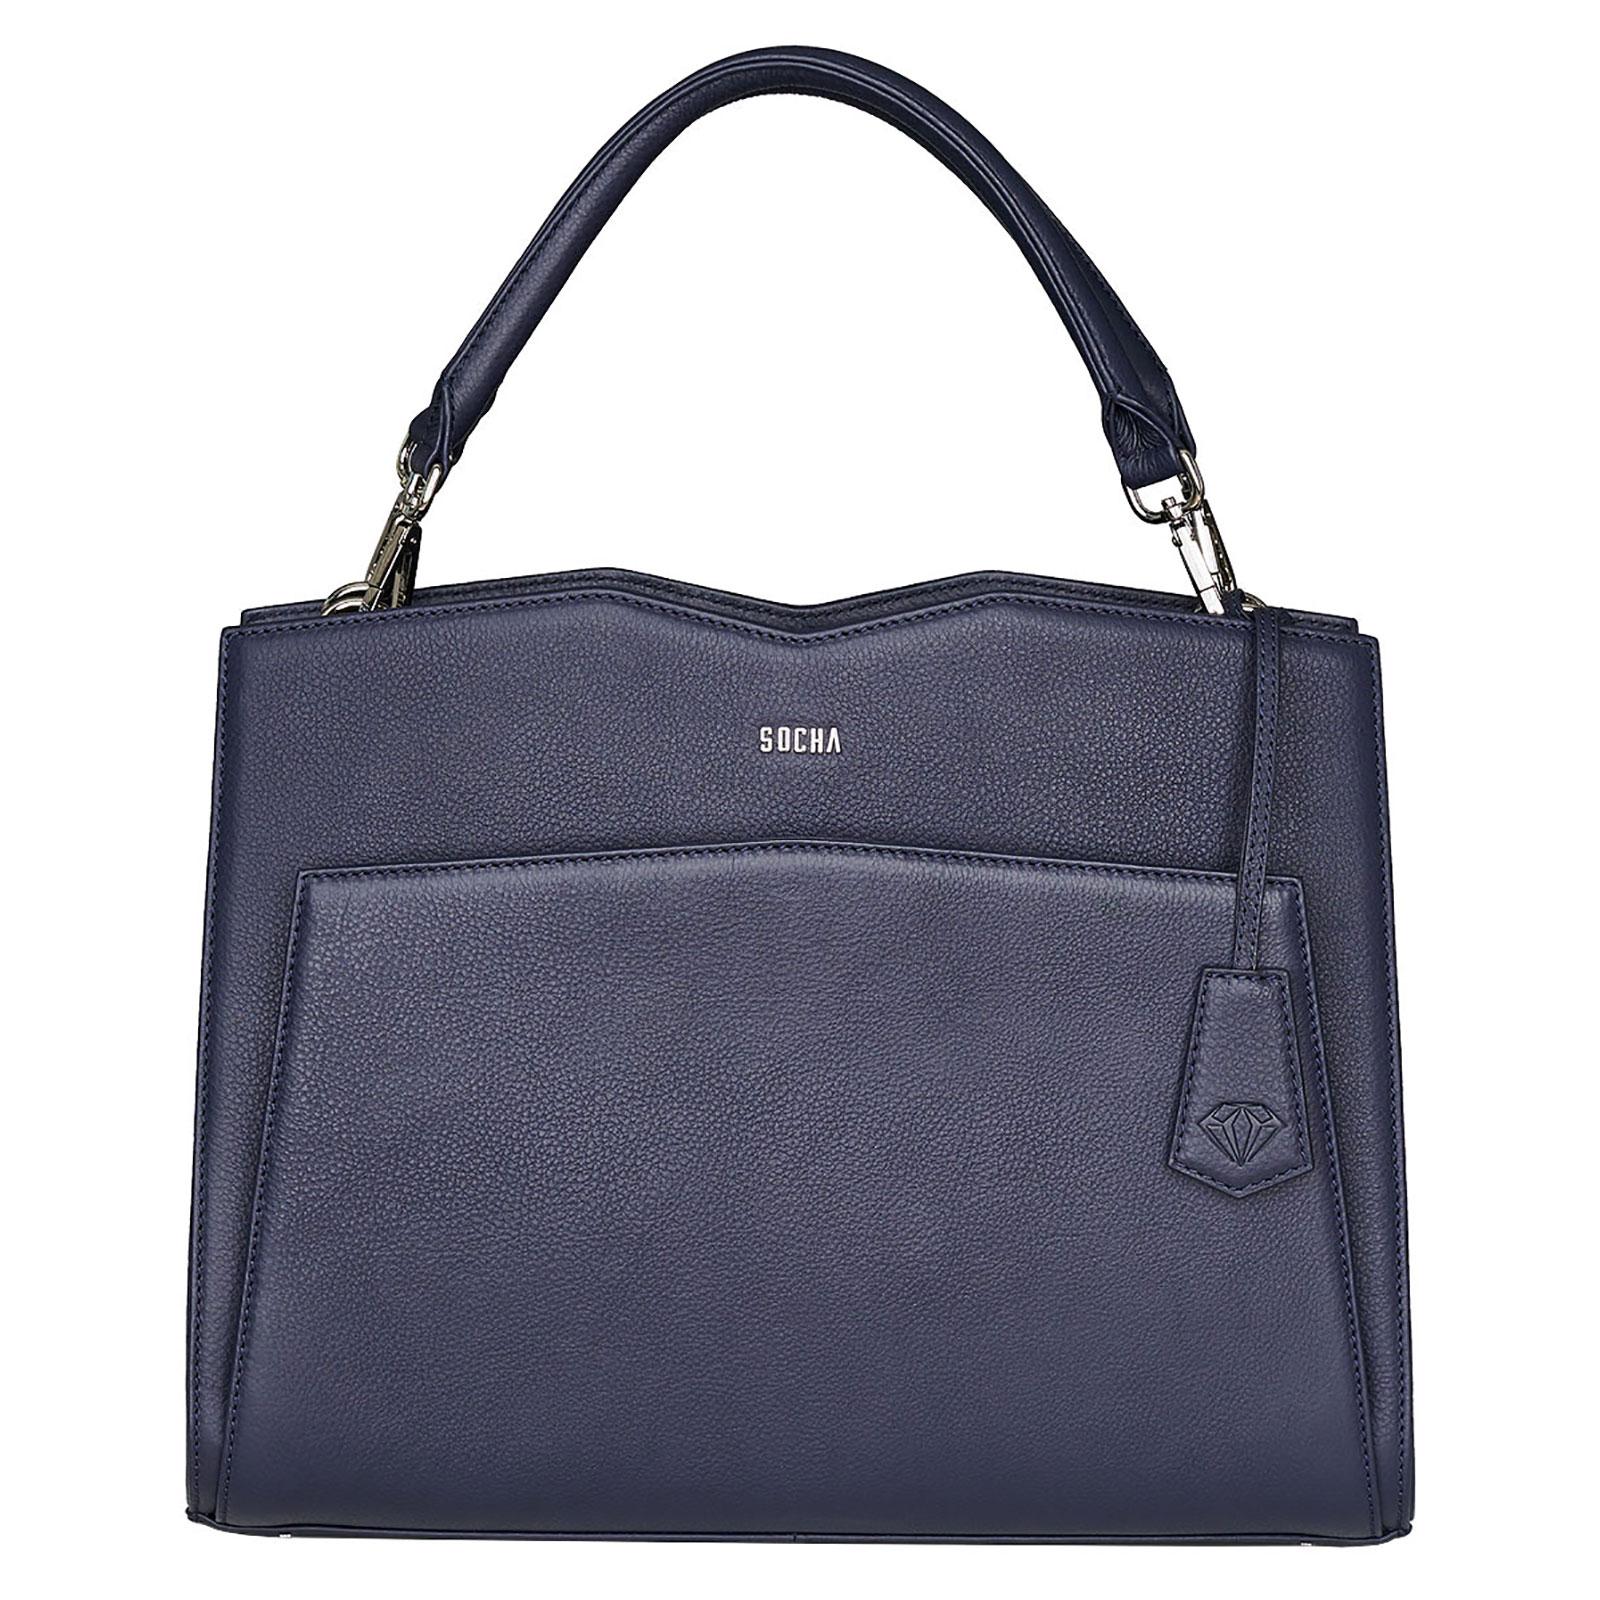 Aktentaschen SOCHA Diamond Shoulder Bag Damen Handtasche 39 cm, Blau